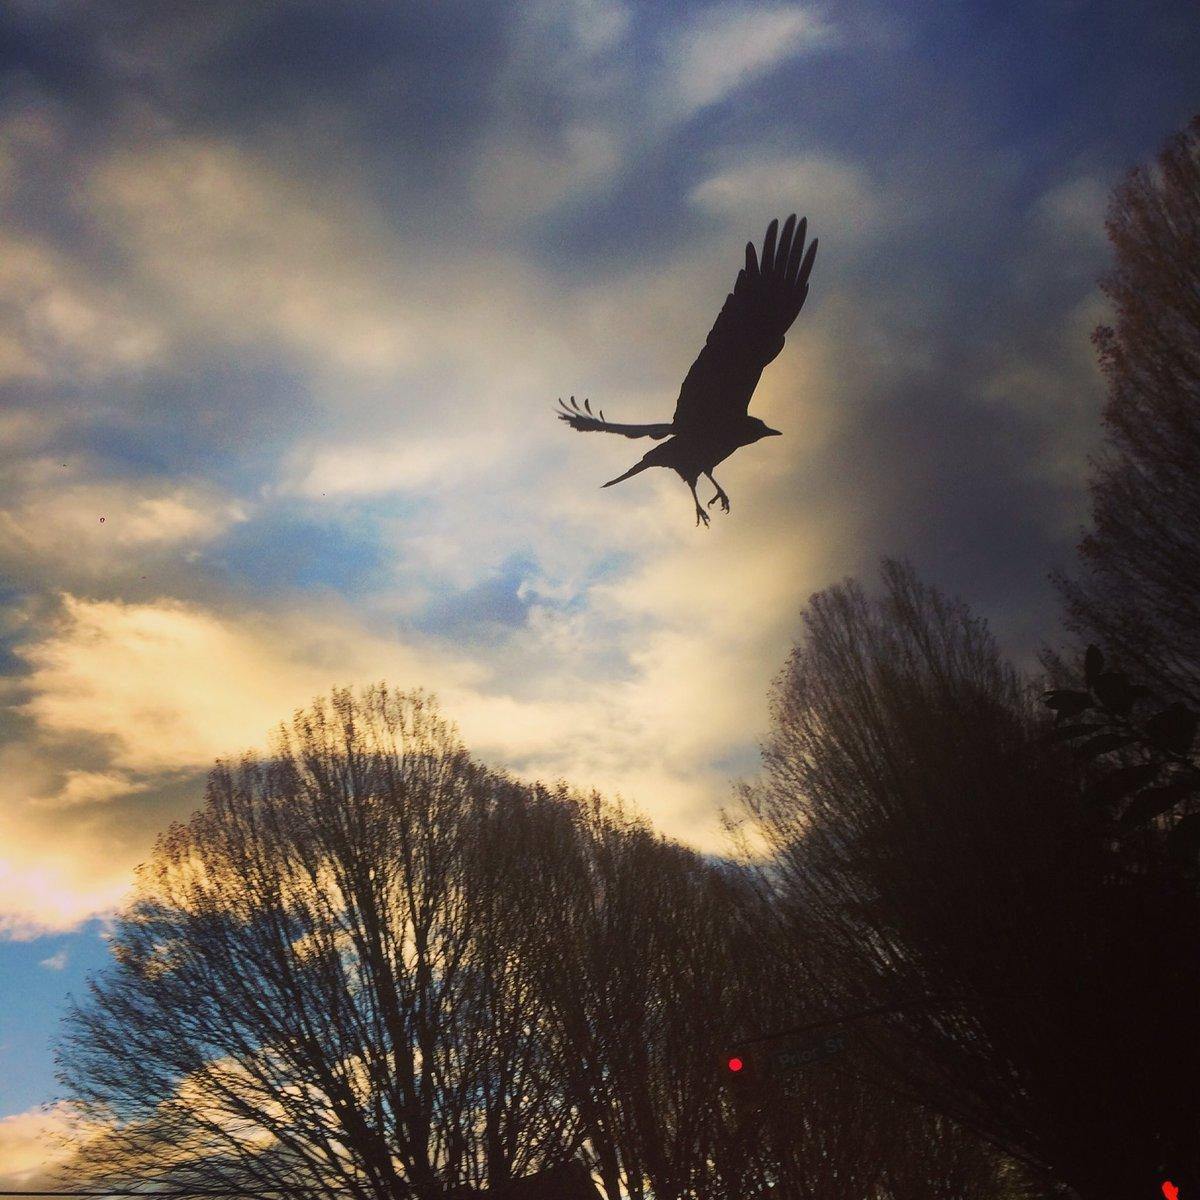 Fly away https://t.co/6YuqbJnj8T